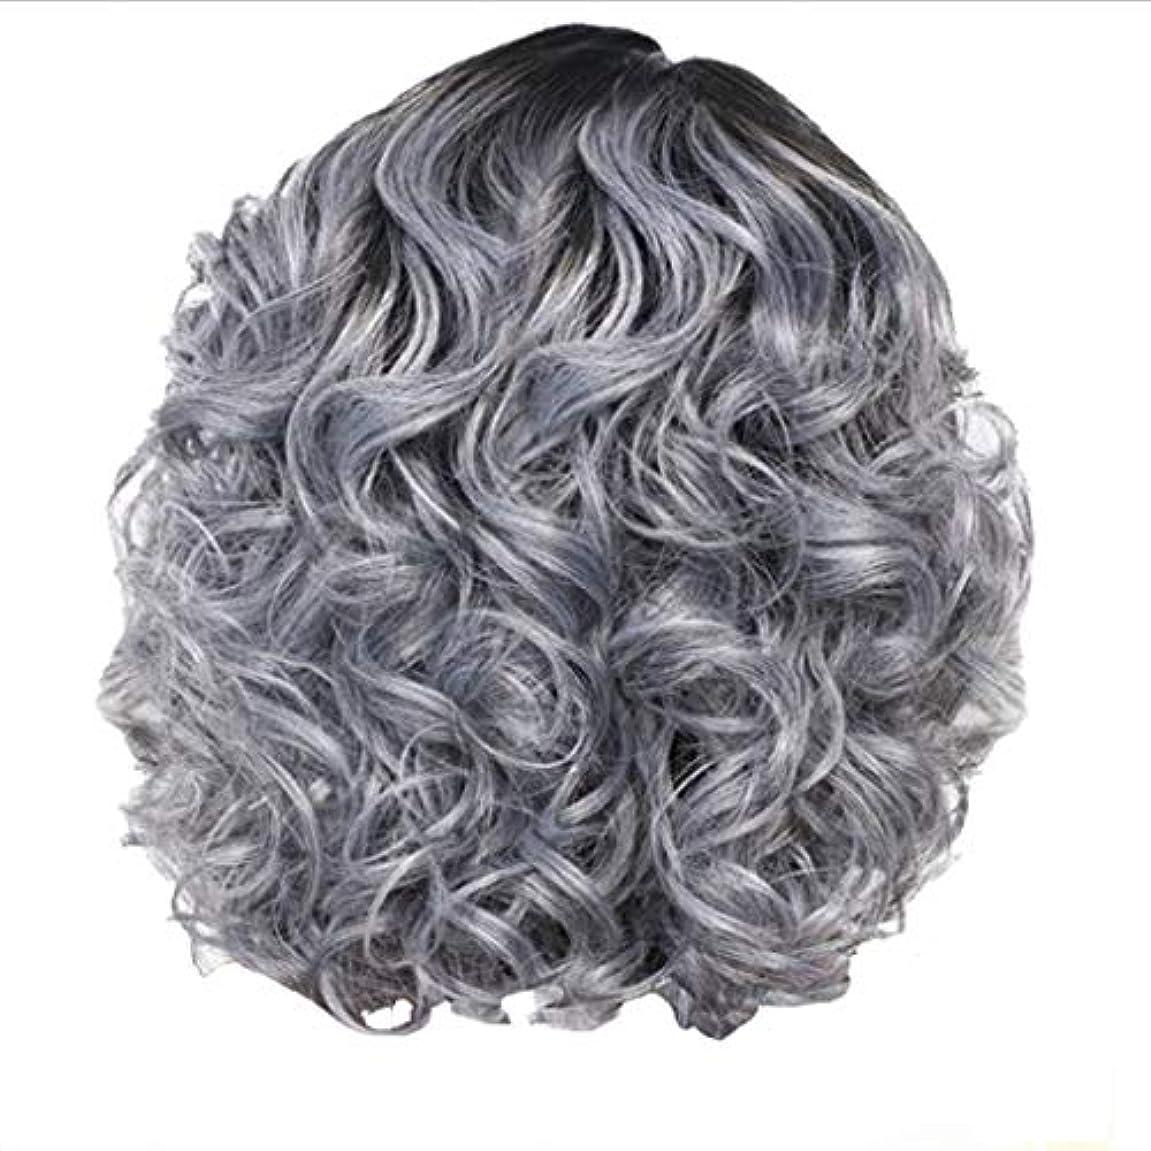 祖父母を訪問免除する苗かつら女性の短い巻き毛シルバーグレーレトロ巻き毛ネット30 cm